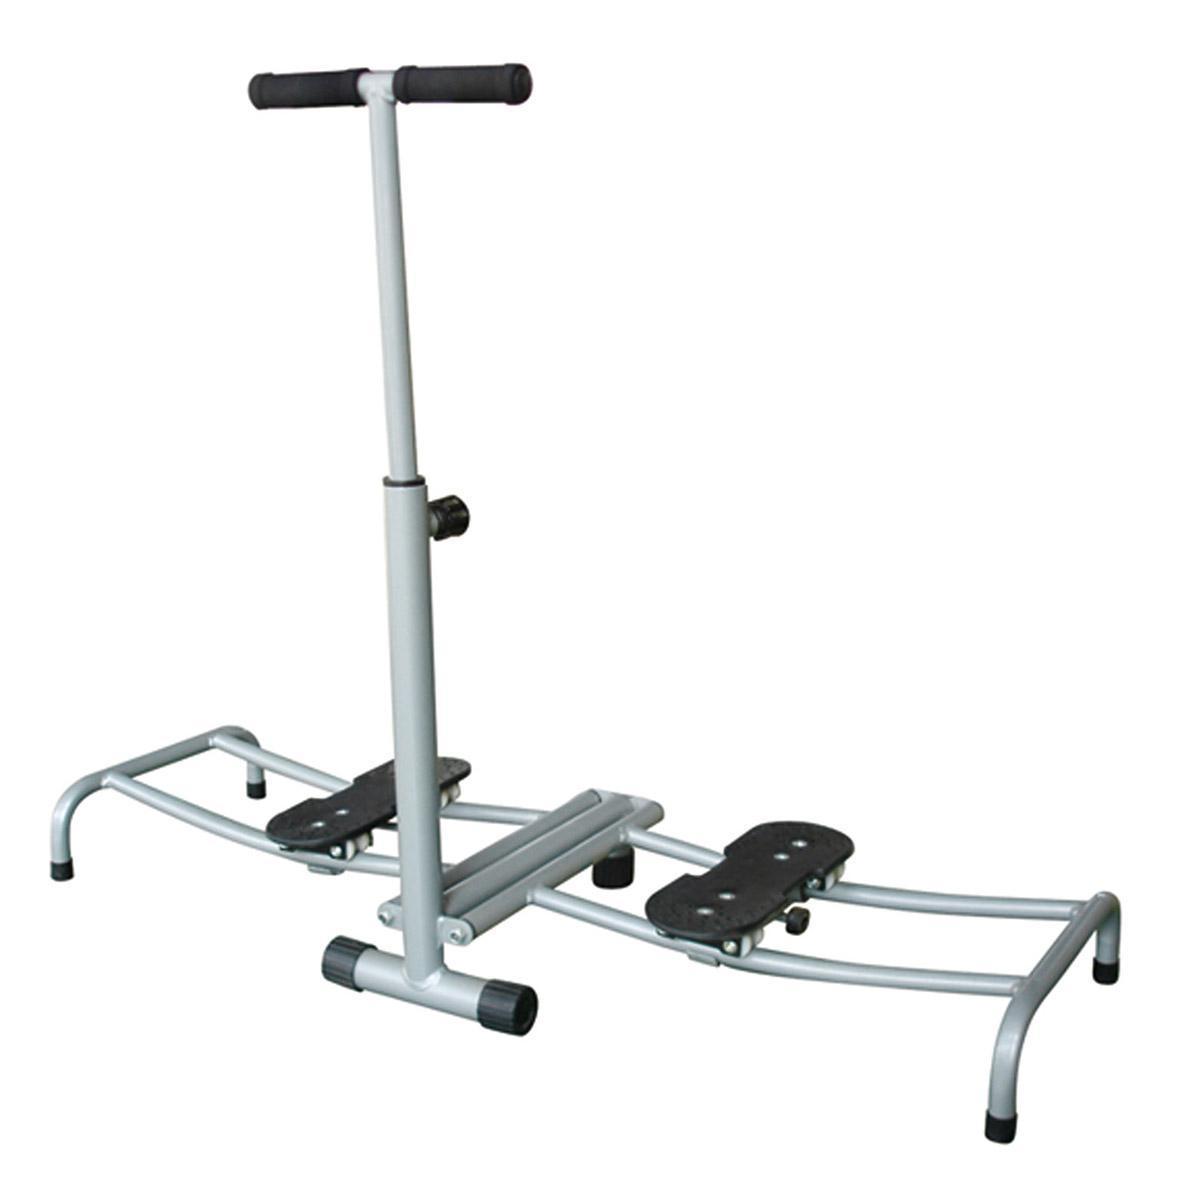 Тренажер для ног Easy Leg. TF1067TF1067Тренажер Easy Leg задействует более 200 мышц во время тренировки, заставляя работать и внутреннюю и внешнюю поверхность бедер, и тренирует нижние мышцы живота. Чтобы получить результат от занятий с тренажером, вам потребуется тратить на тренировку всего по 2-3 минуты в день. Тренажер очень прост в установке, использовании, транспортировке и не займет много места в квартире. Красивые, стройные бедра и упругие ягодицы. Тренажер для проблемных зон женского тела. Ручка регулируется по высоте. К тренажеру прилагается инструкция по сборке и эксплуатации на русском языке.